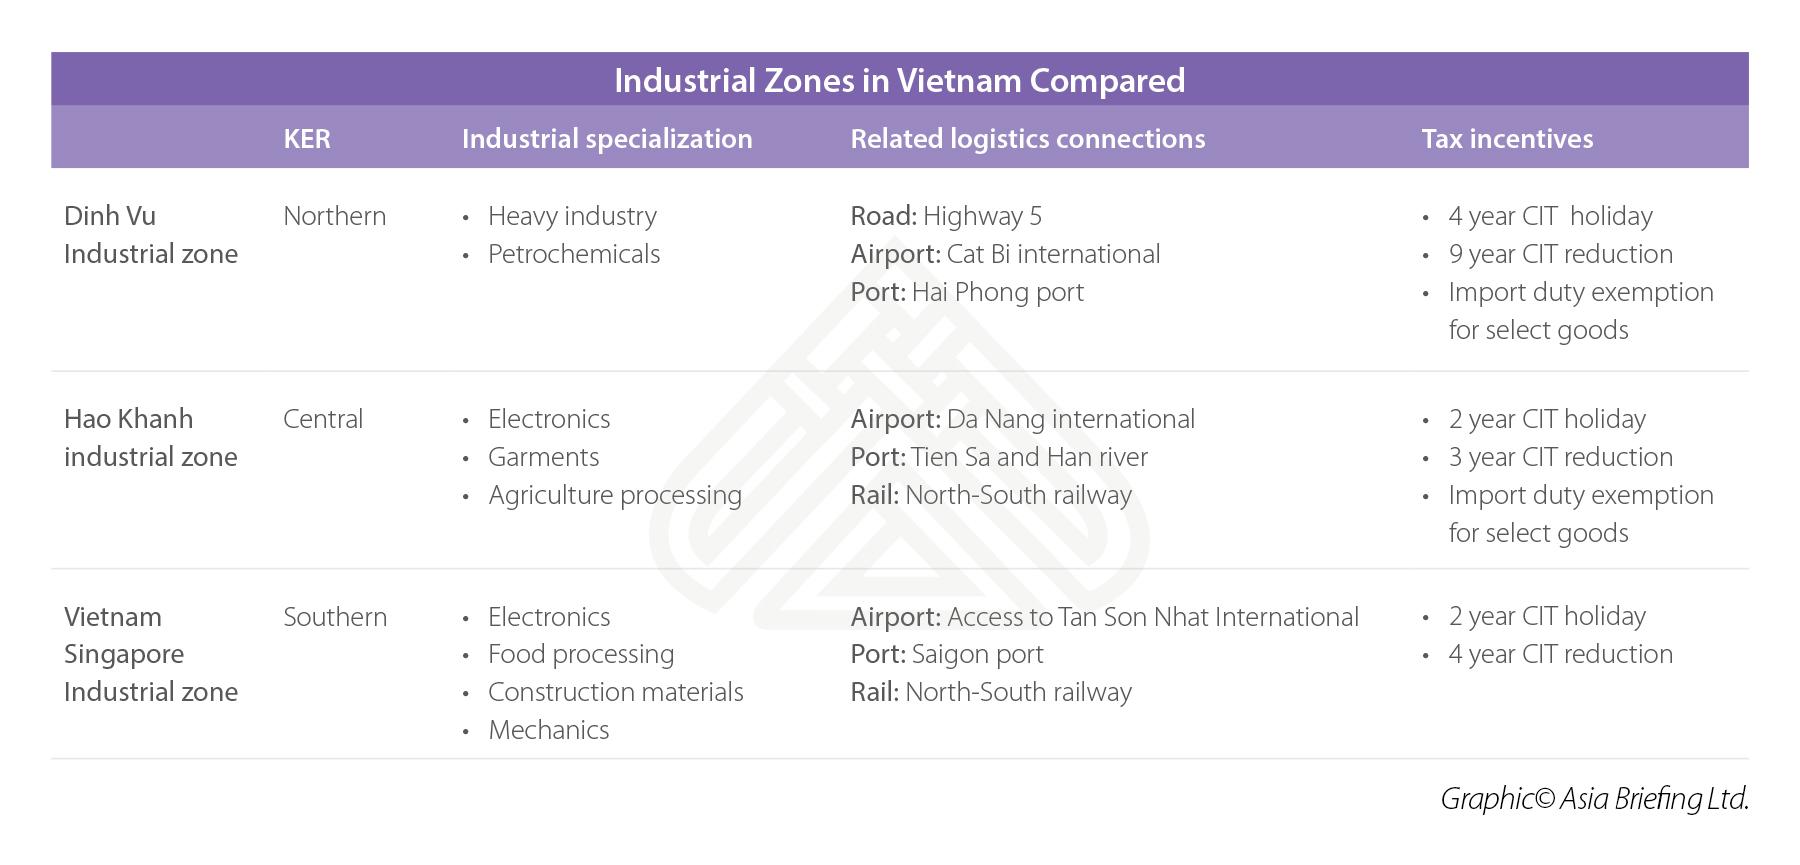 Vietnam Industrial Zones